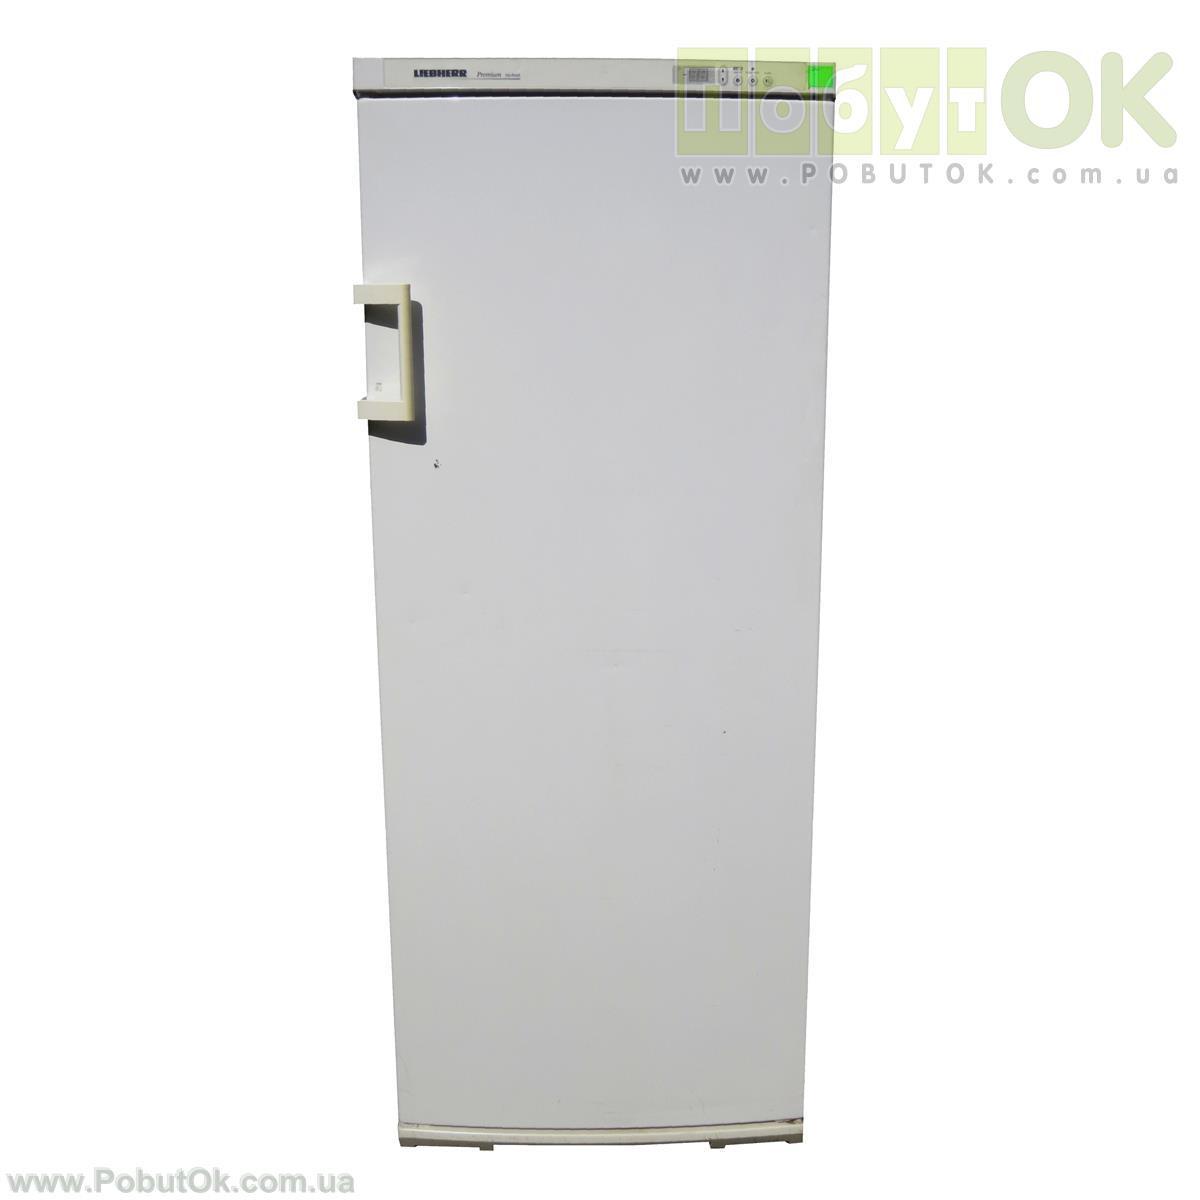 Морозильная Камера LIEBHERR GSN 2936 Index 25B / 001 (Код:0691) Состояние: Б/У